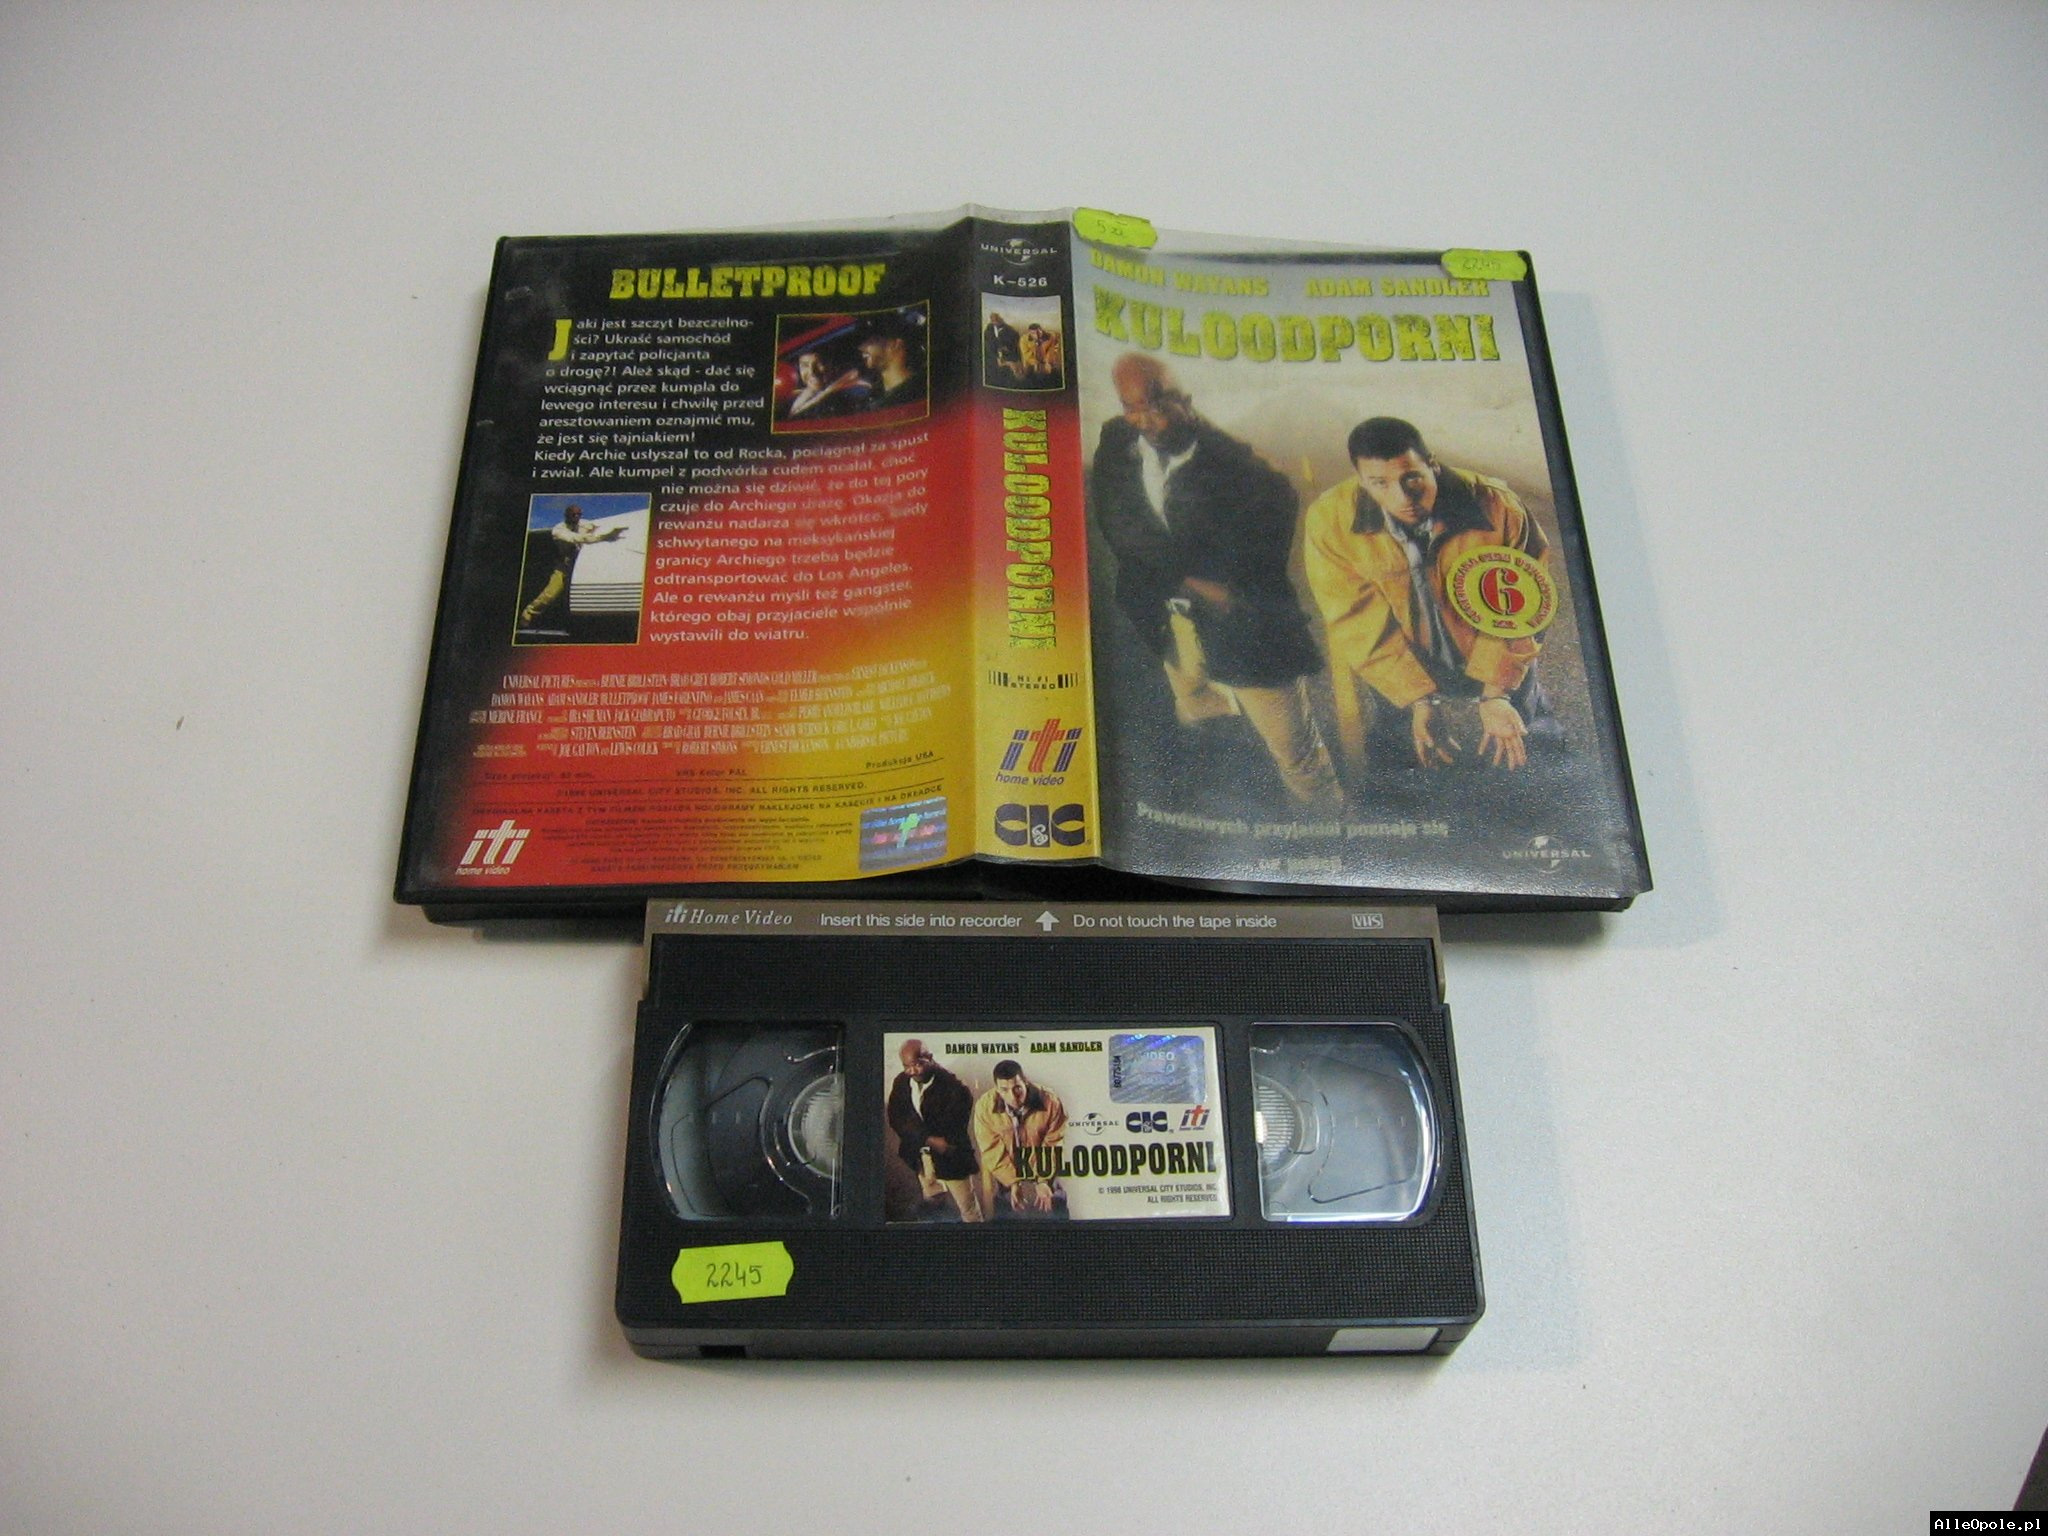 KULOODPORNI - VHS Kaseta Video - Opole 1826